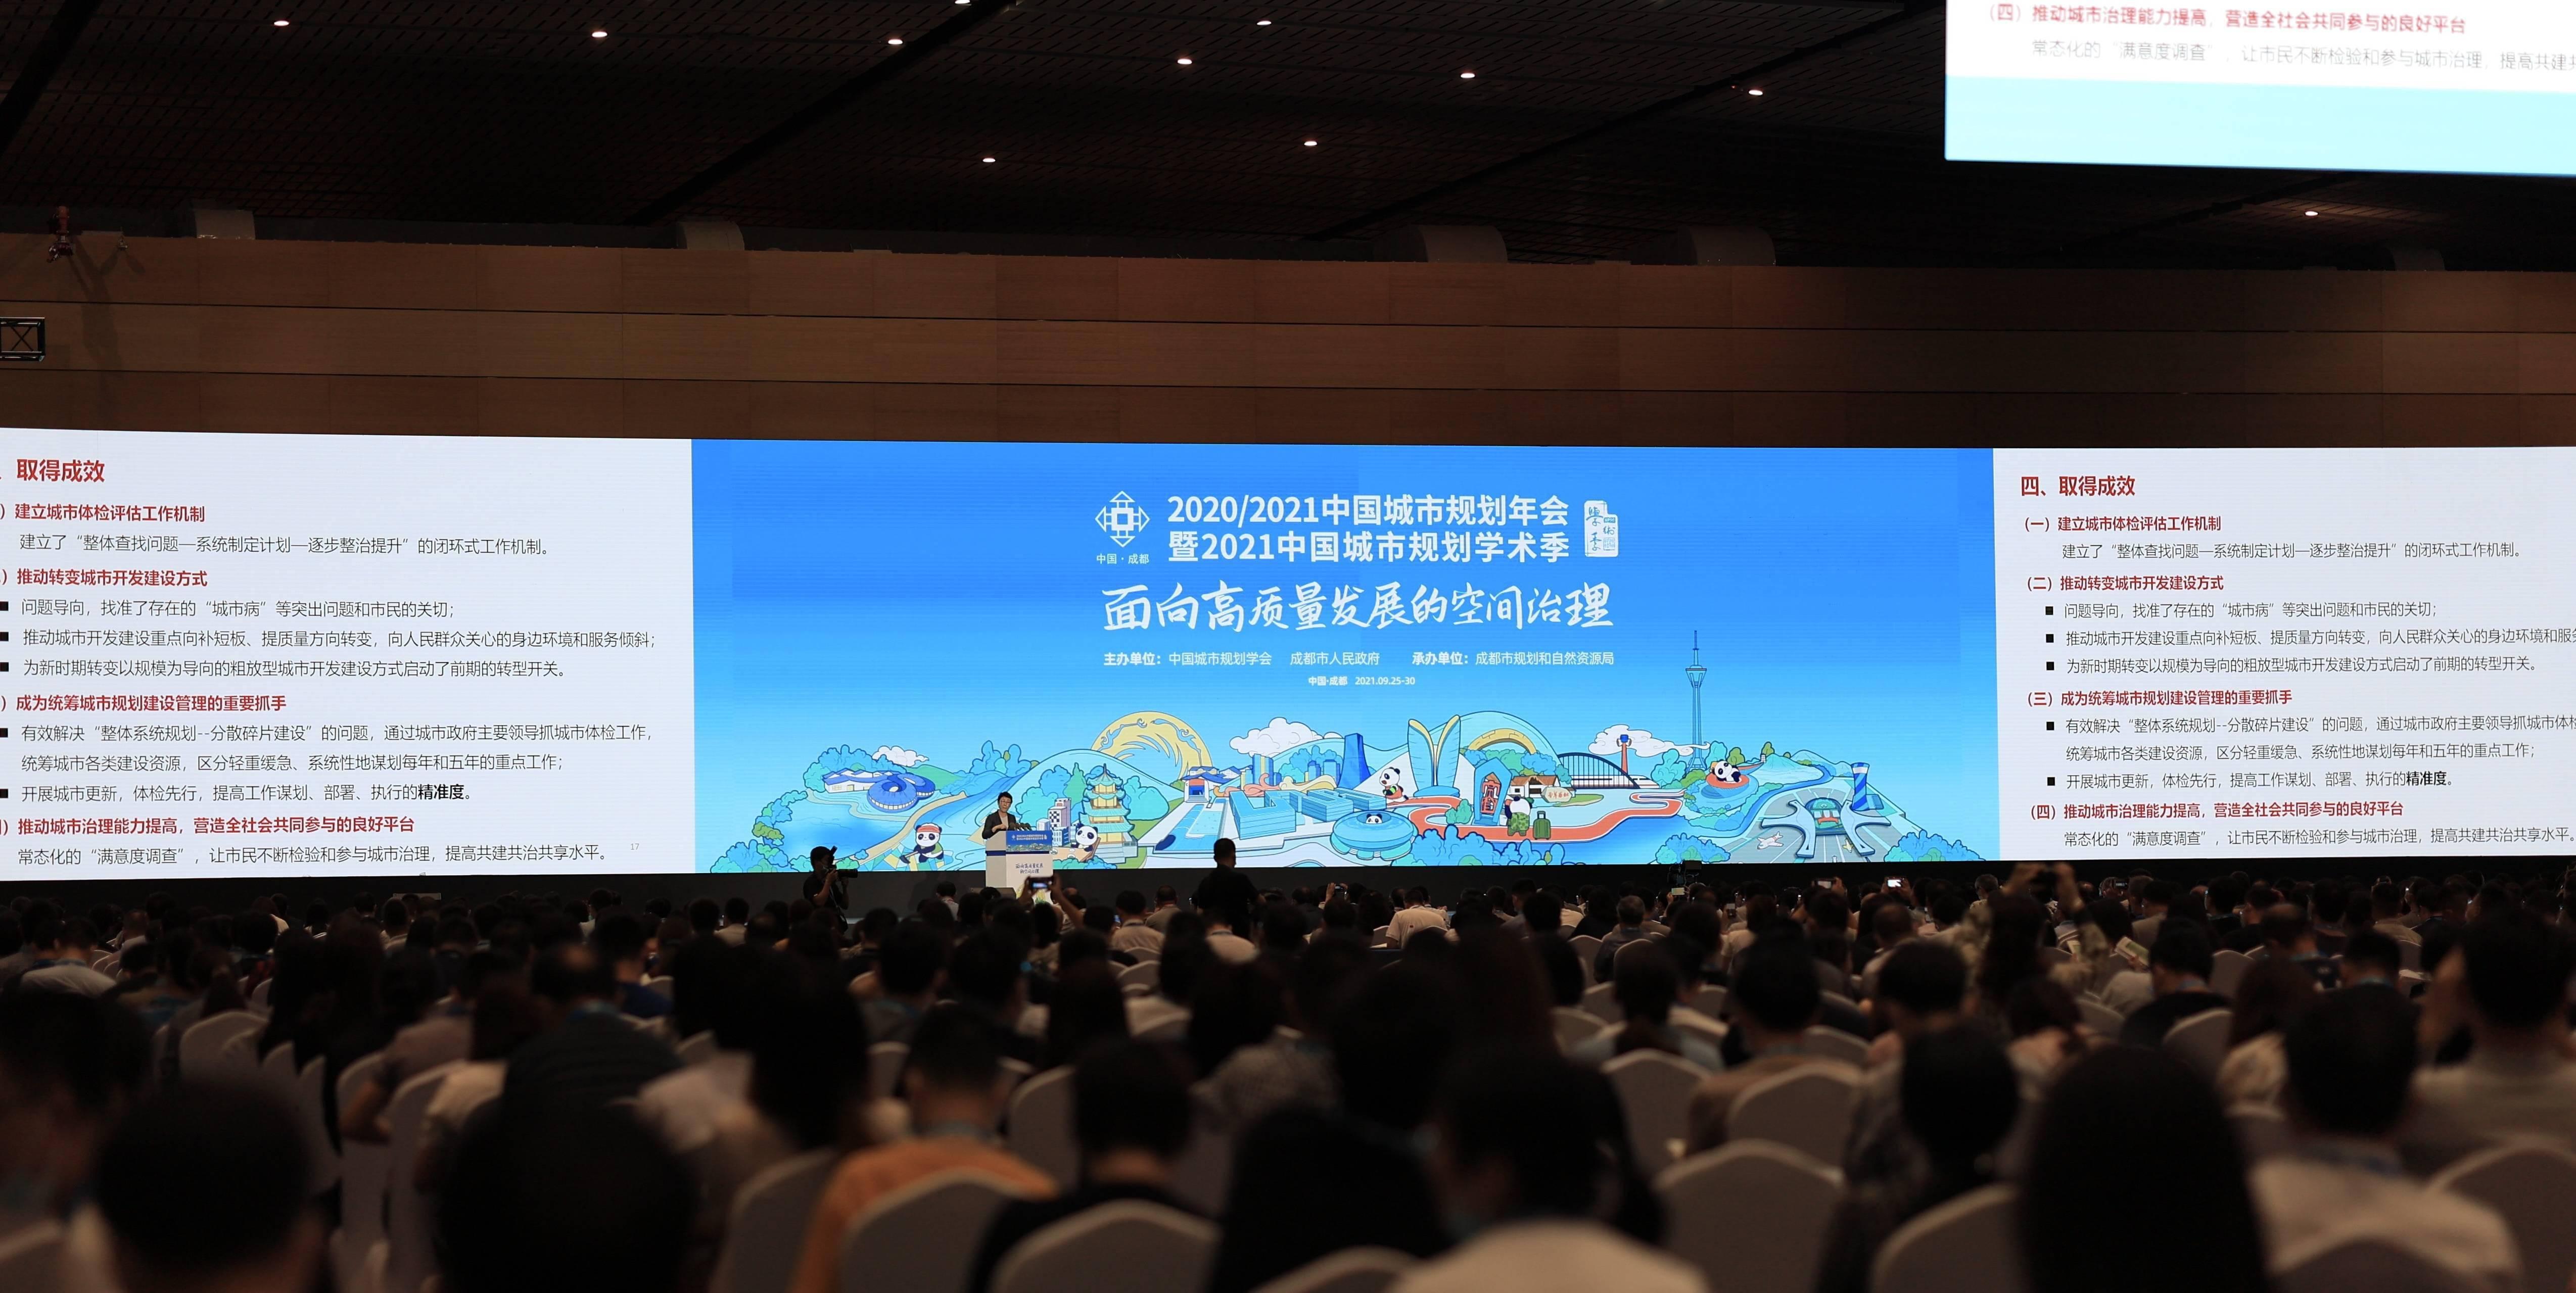 中國工程院士丁烈云:把智能技術與工業化建造